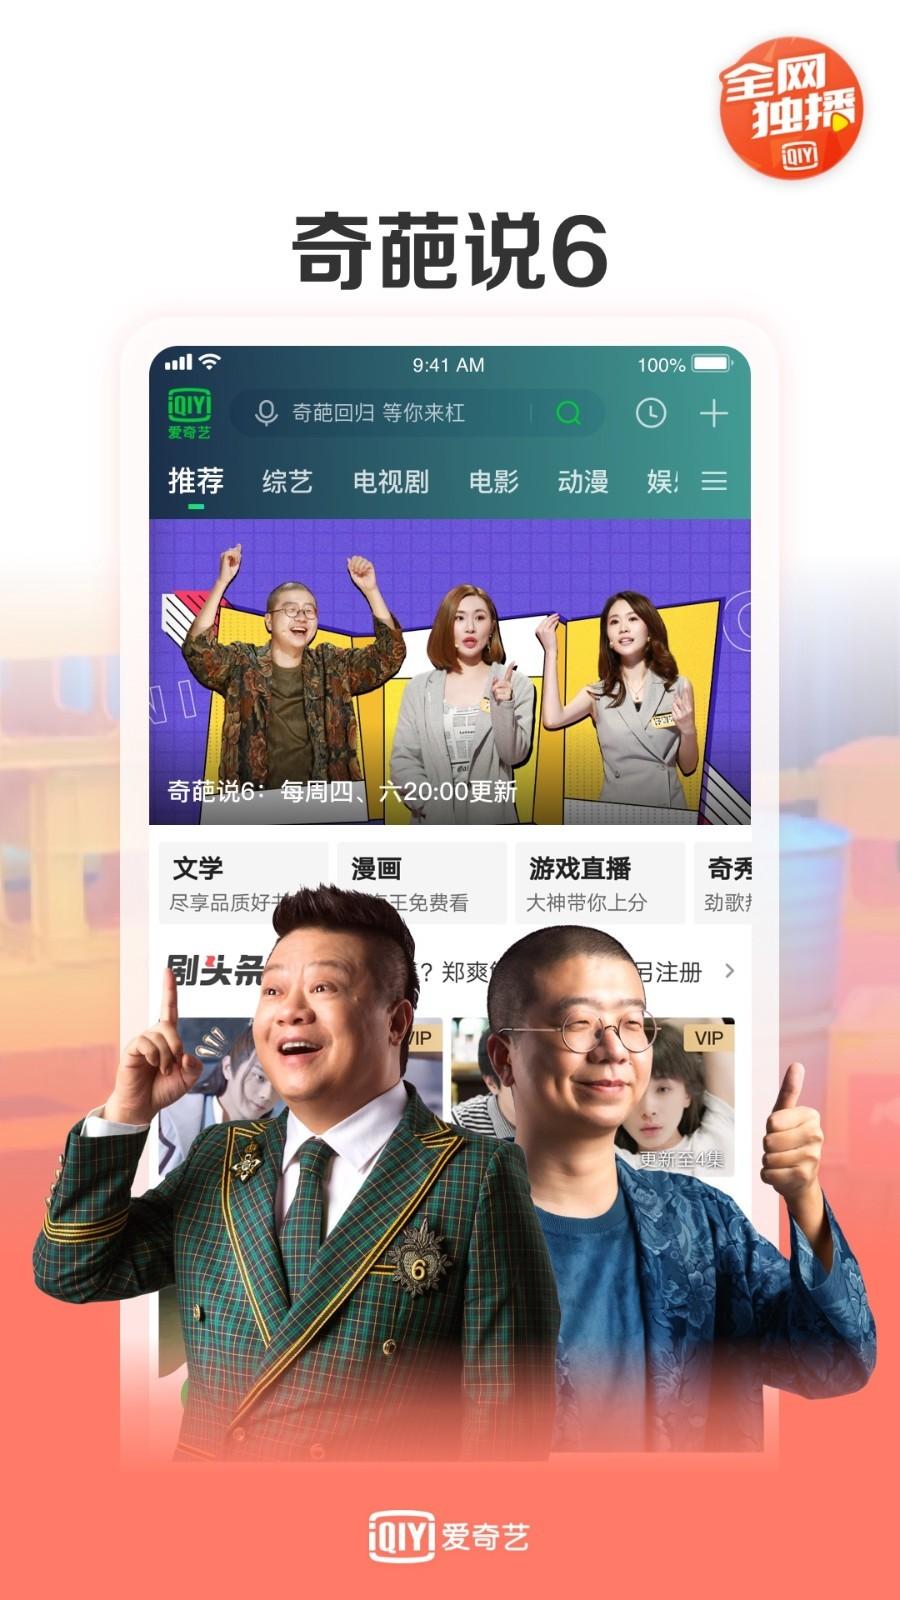 爱奇艺下载安装2019新版官方图片2